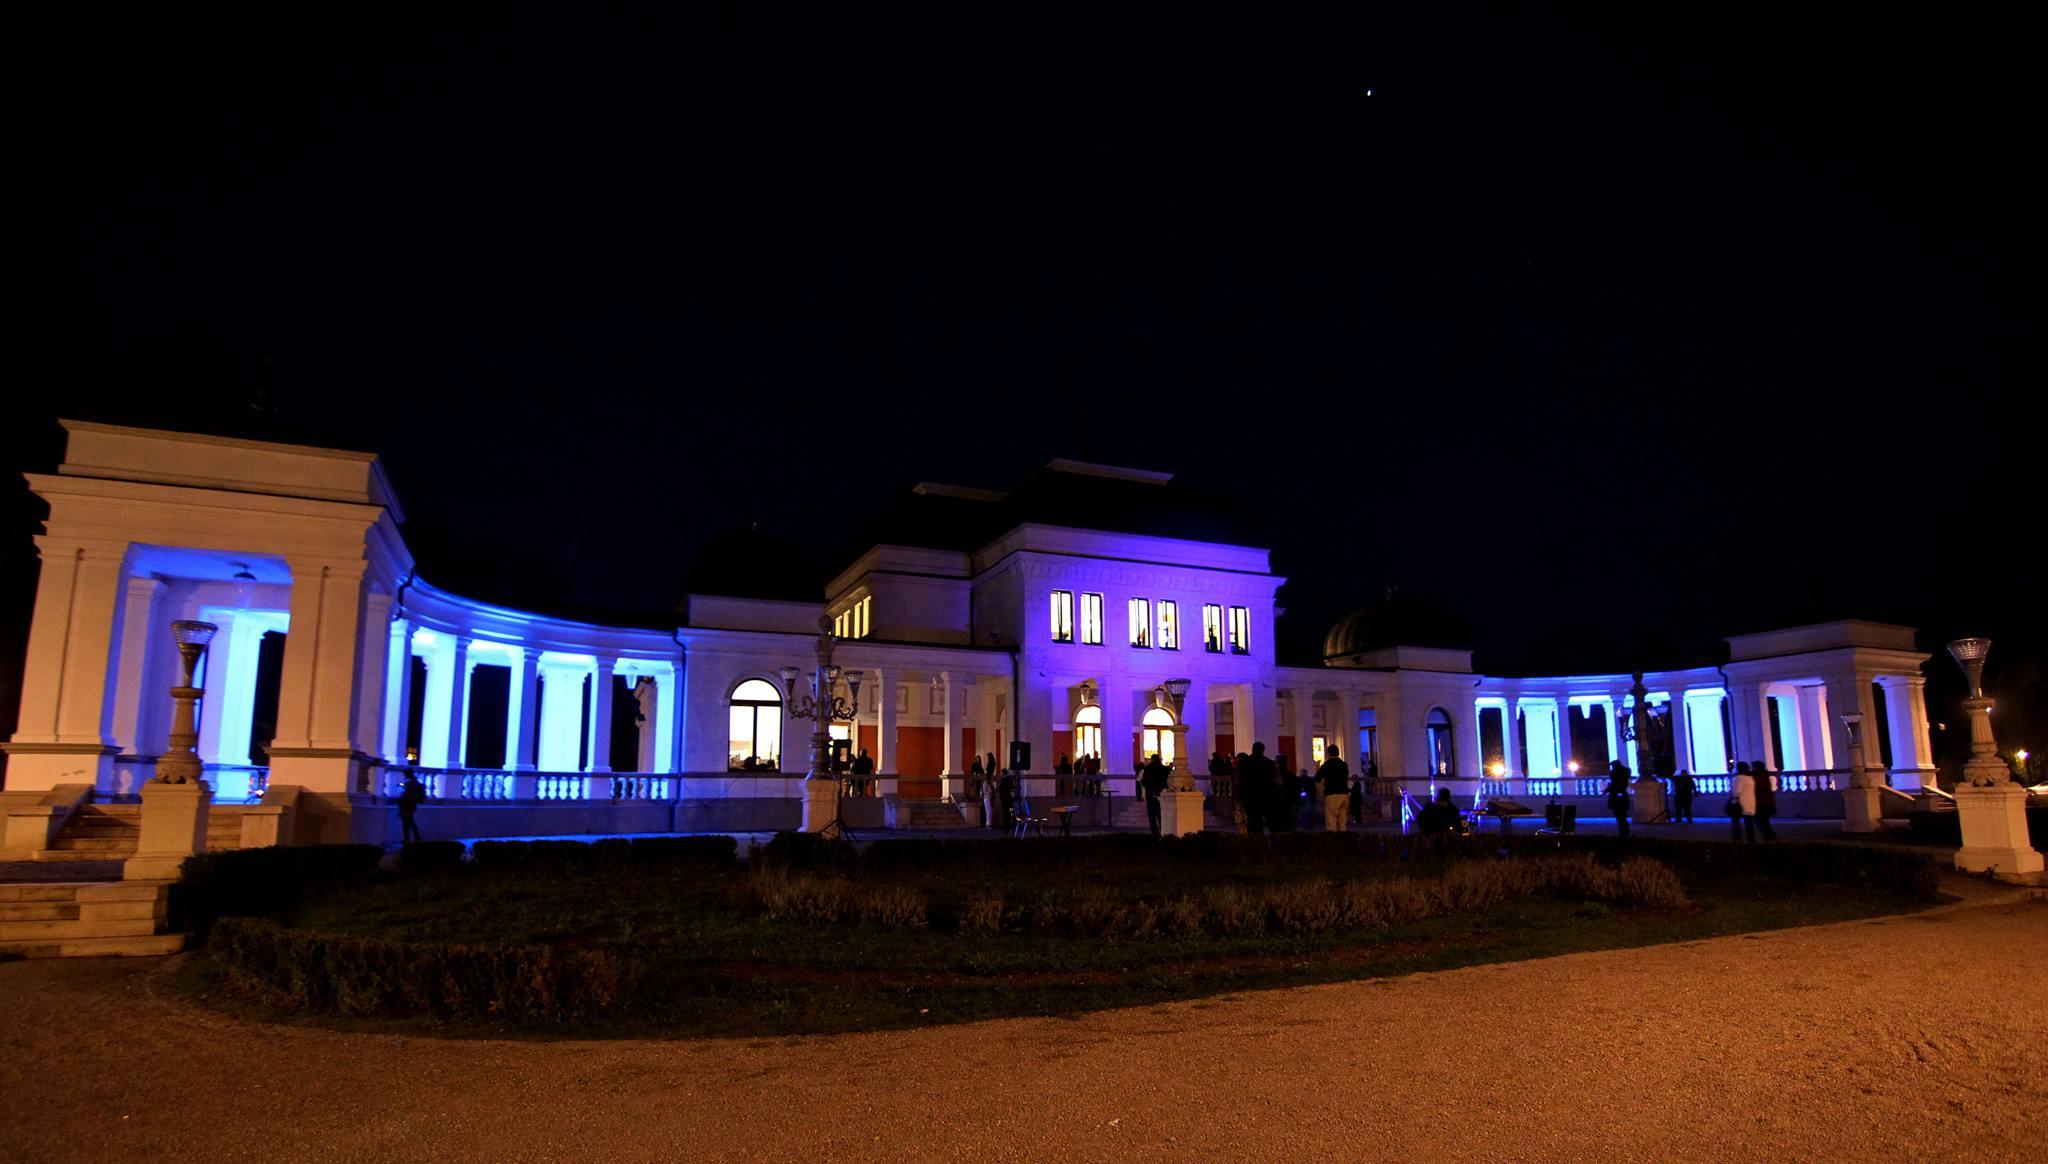 Clădirea Casino din Parcul Central din Cluj-Napoca a fost luminată în albastru, sâmbătă, 2 aprilie, cu ocazia Zilei Internaționale de Conștientizare a Autismului / Foto: Dan Bodea